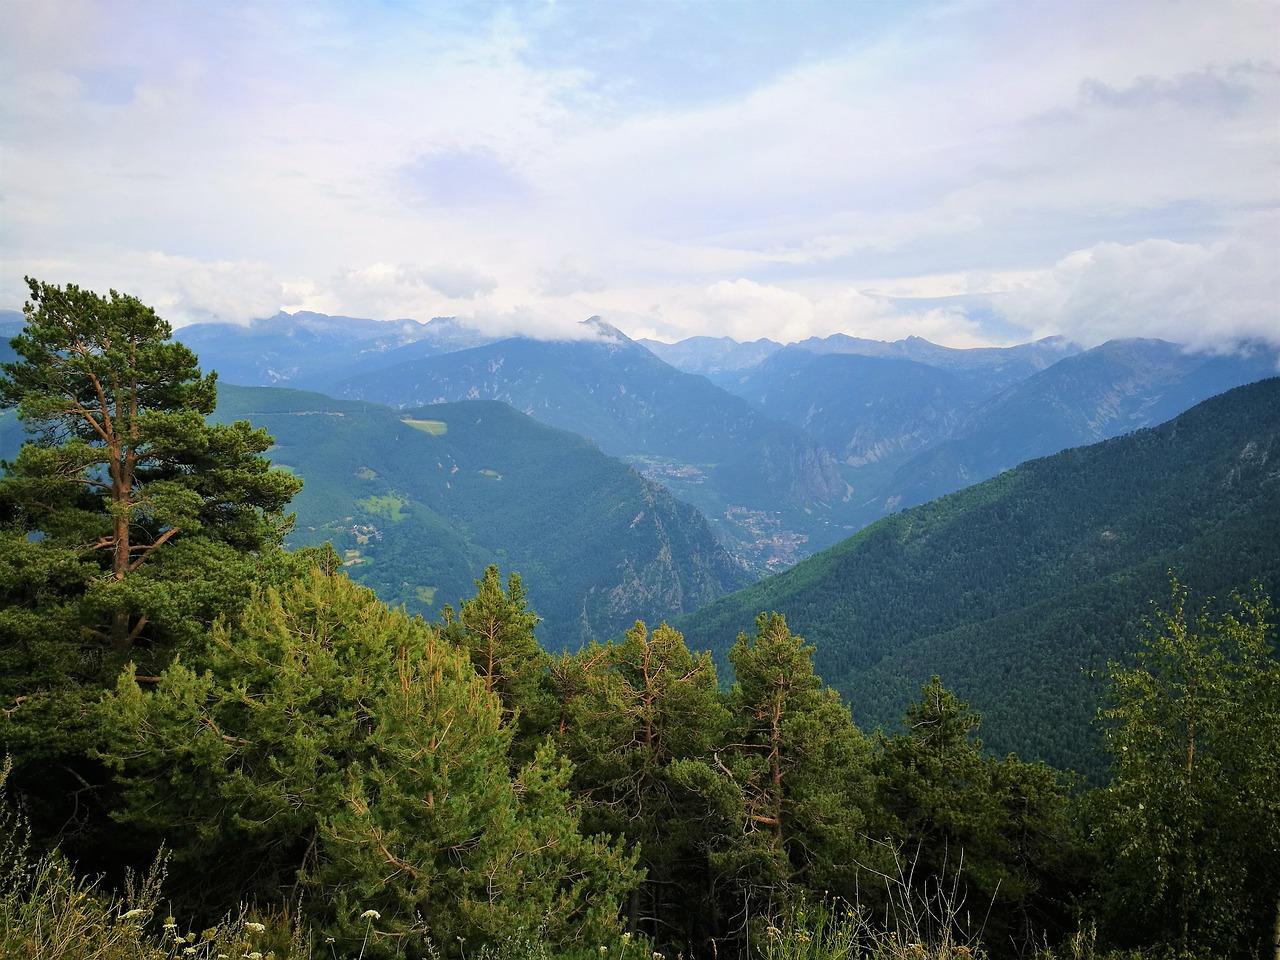 Vivir En Andorra: Requisitos Y Costo De Vida 2021 No pierdas la oportunidad de vivir y trabajar en Andorra, ya sea de manera temporal o definitiva. Si lo hacemos, podremos conseguir su permiso de residencia en Andorra de manera bastante sencilla. Antes de nada, cabe señalar que no es necesaria la nacionalidad andorrana para obtener residencia en el Principado de Andorra